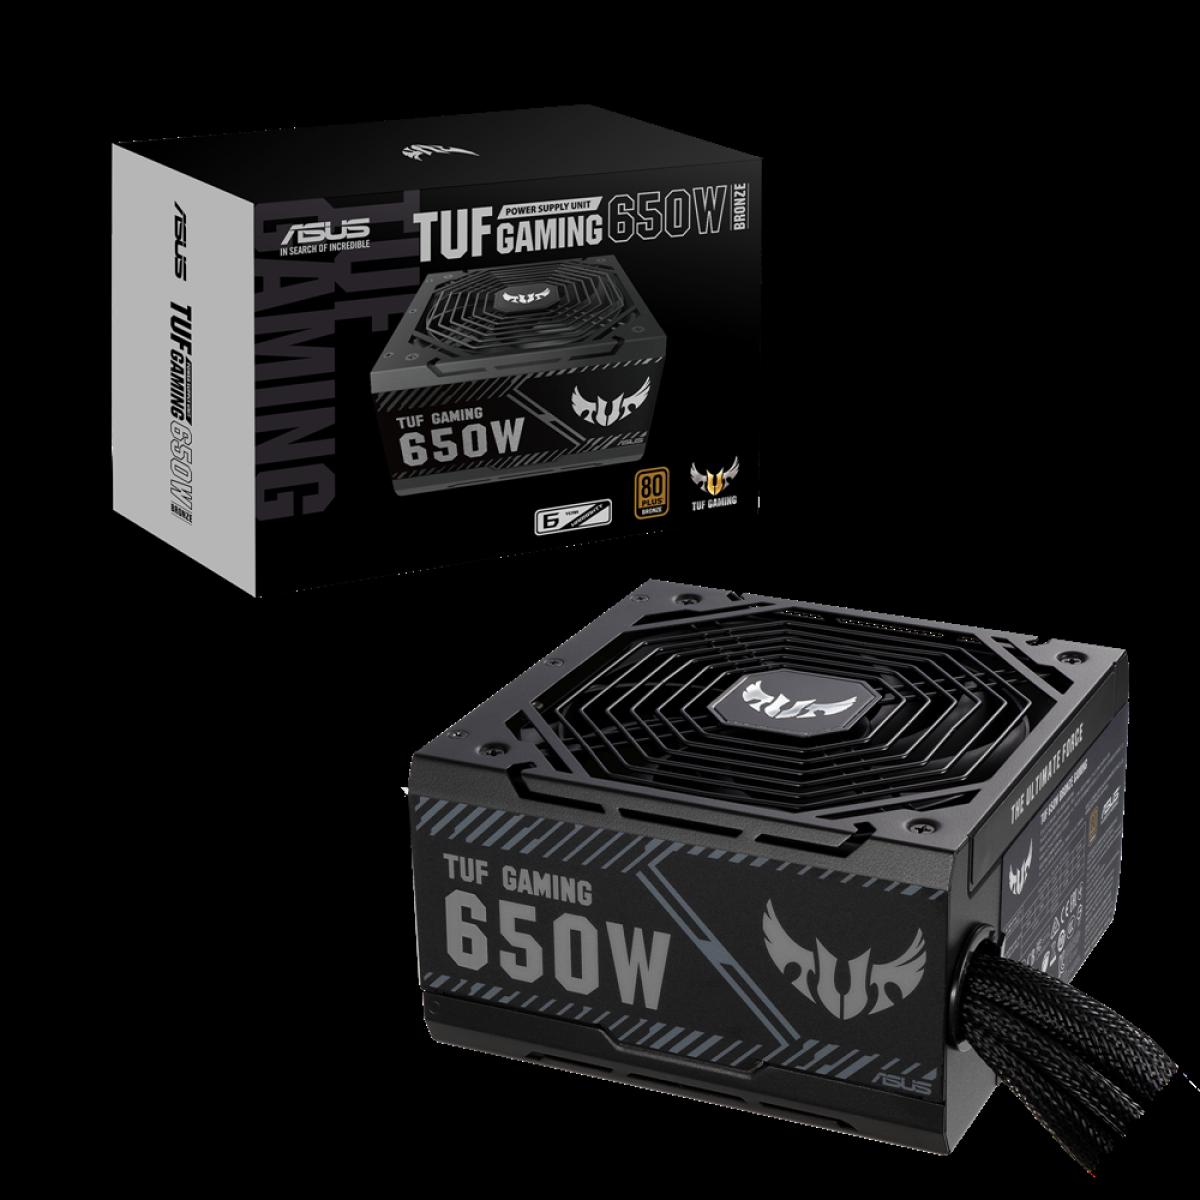 Fonte Asus TUF Gaming 650W, 80 Plus Bronze, TUF-GAMING-650B, 90YE00D1-B0NA00